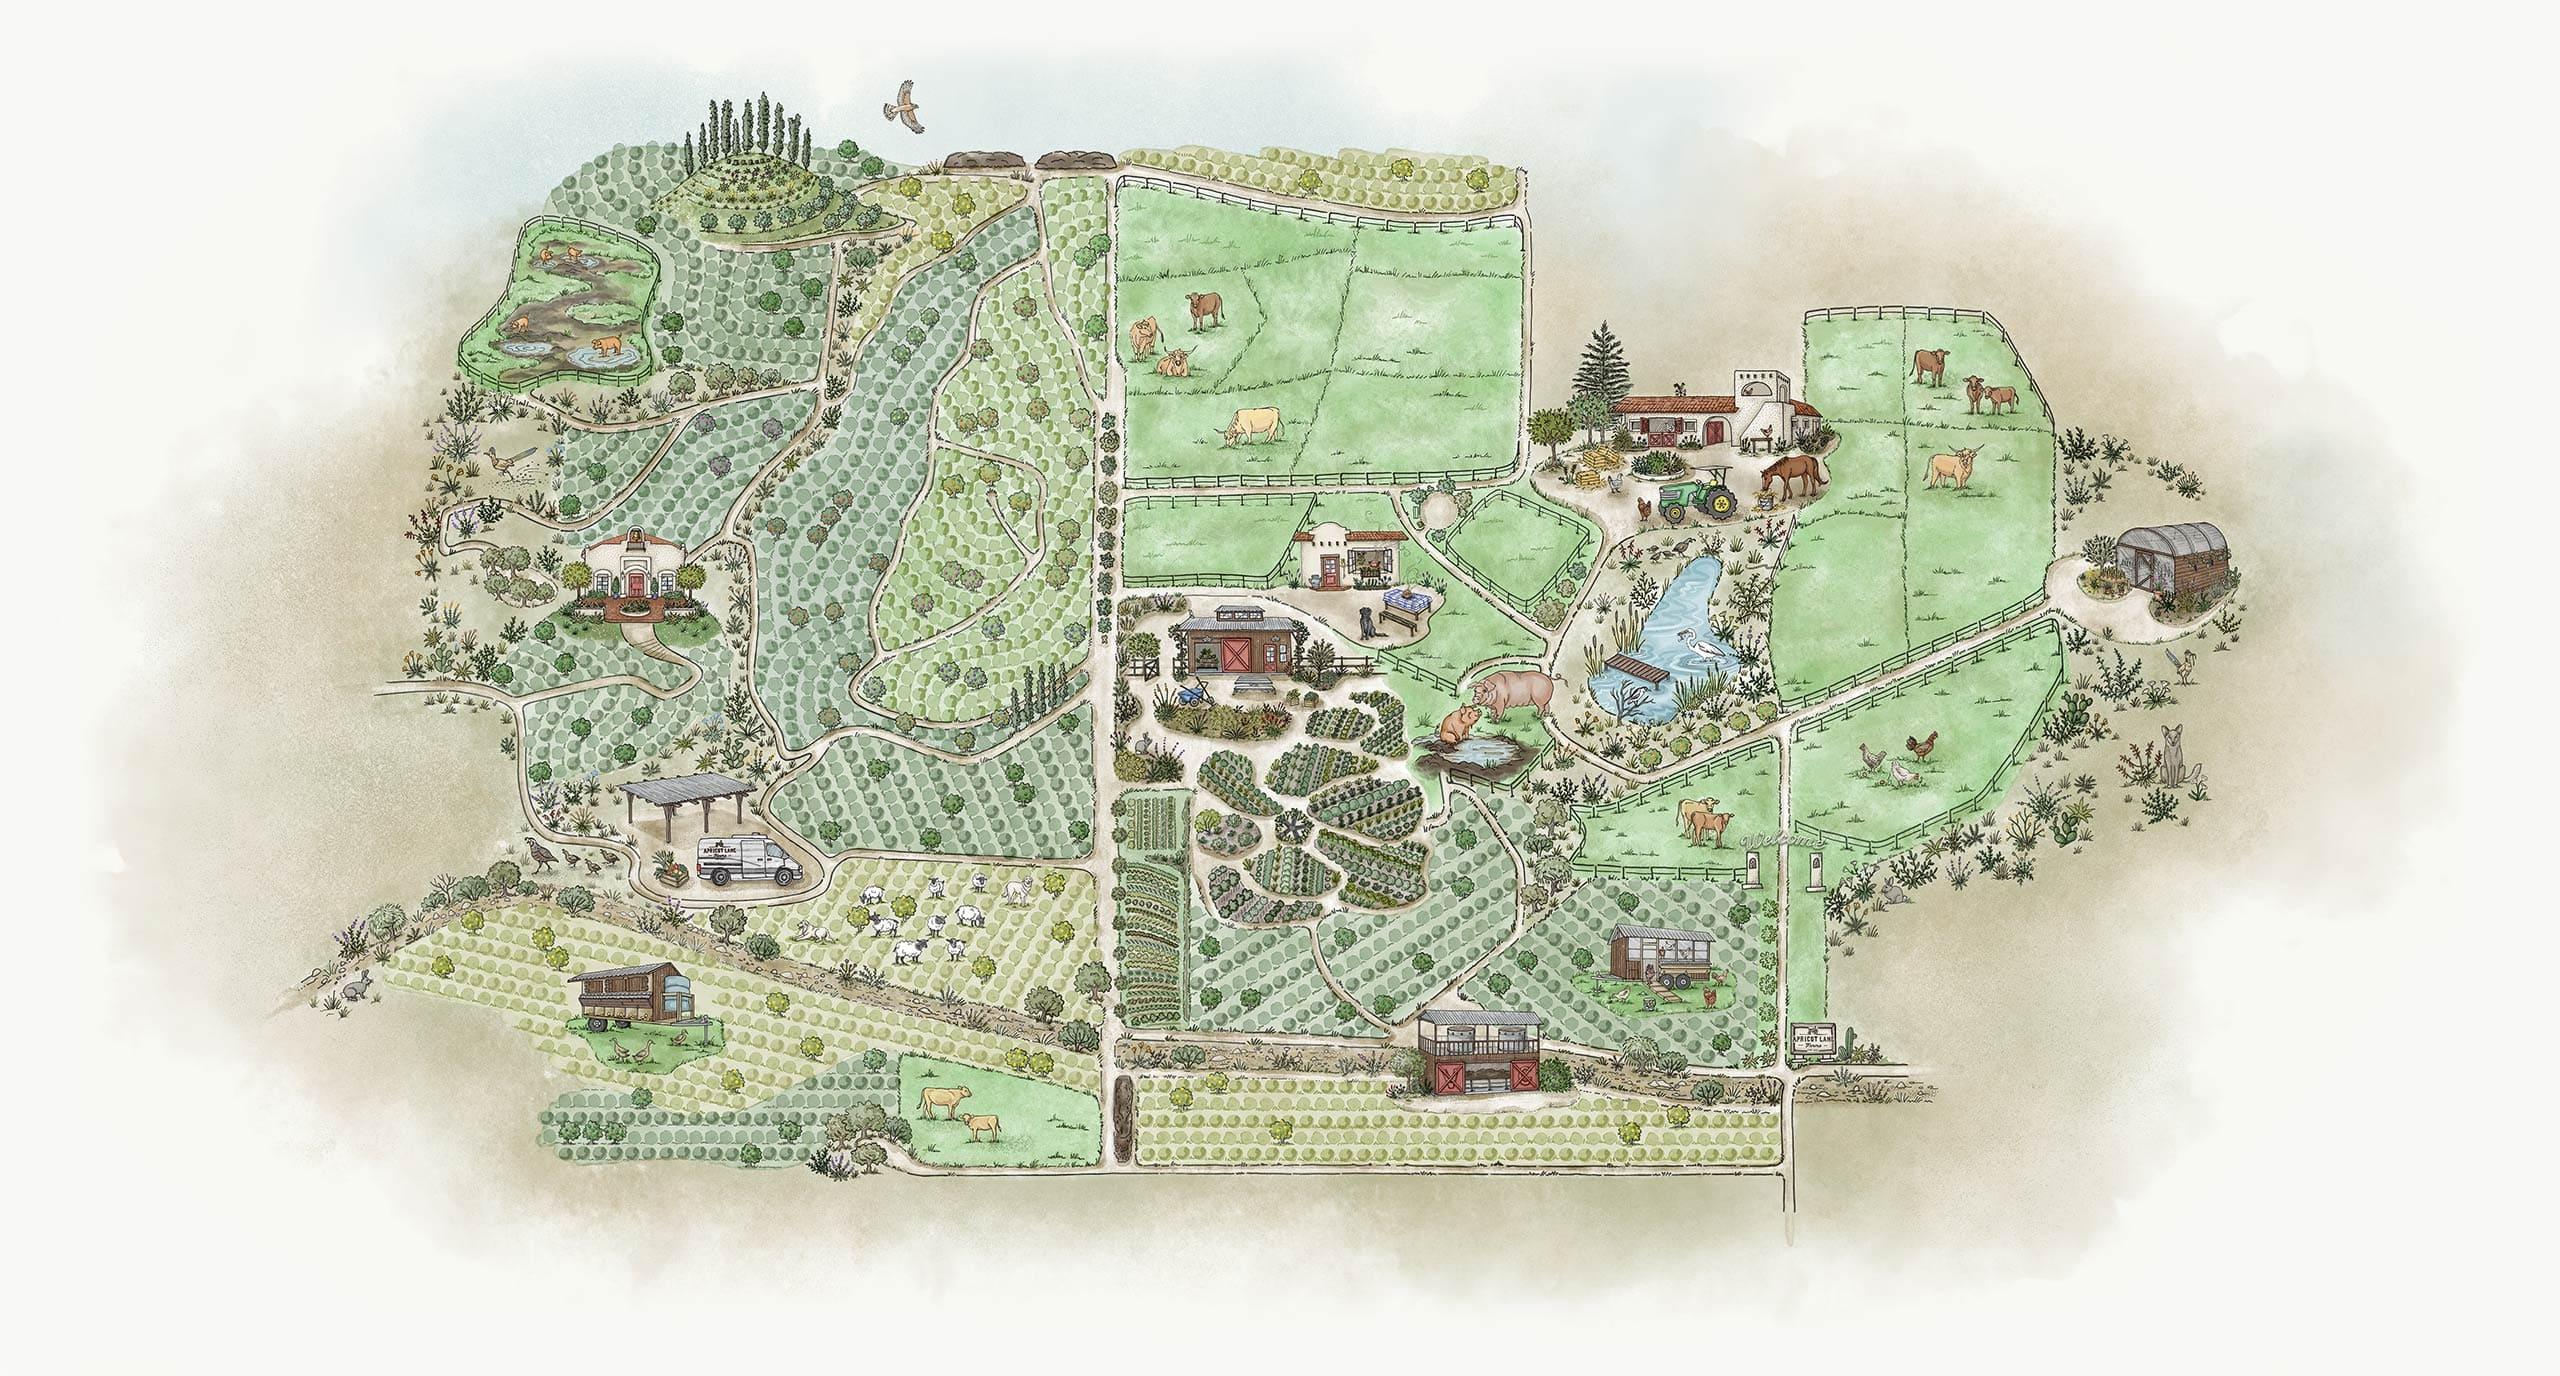 apricot-lane-farm-permaculture